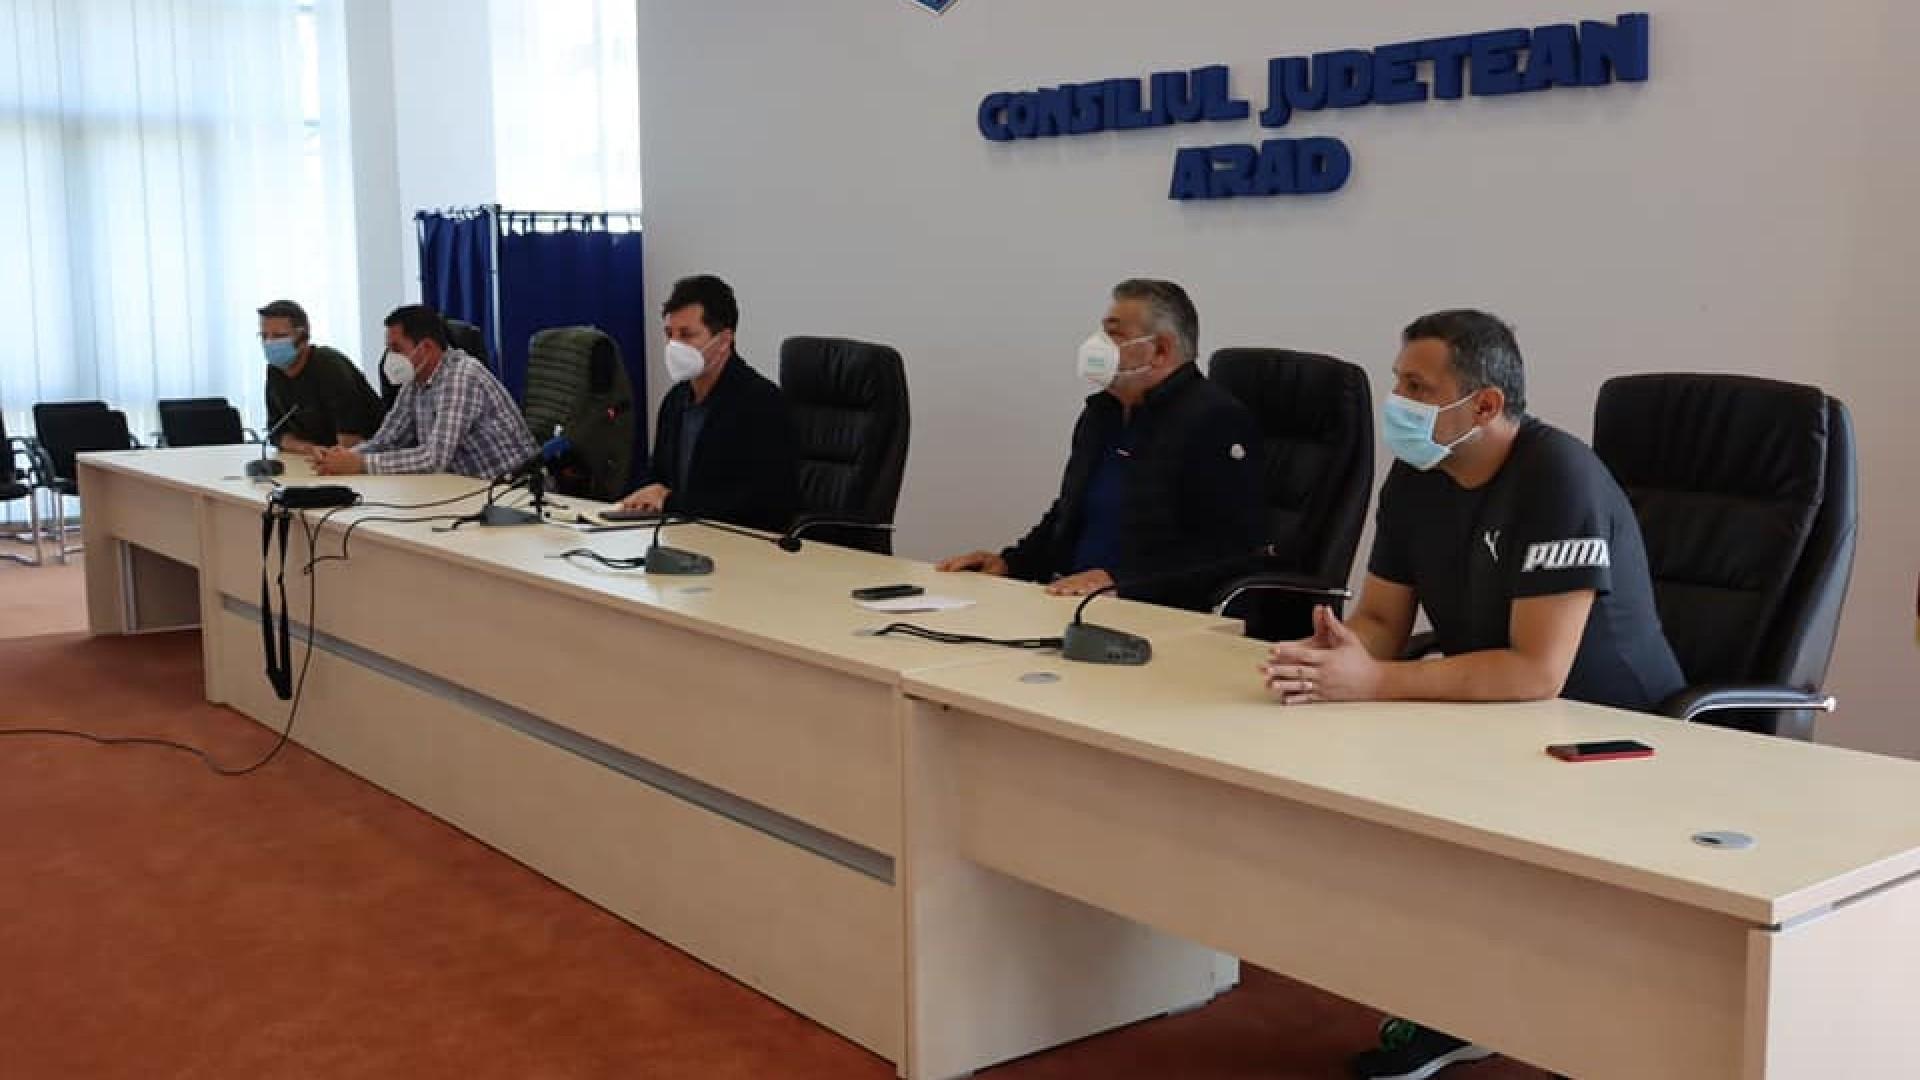 Arad: evoluția COVID-19 la nivelul județului și măsurile luate privind gestionarea pandemiei